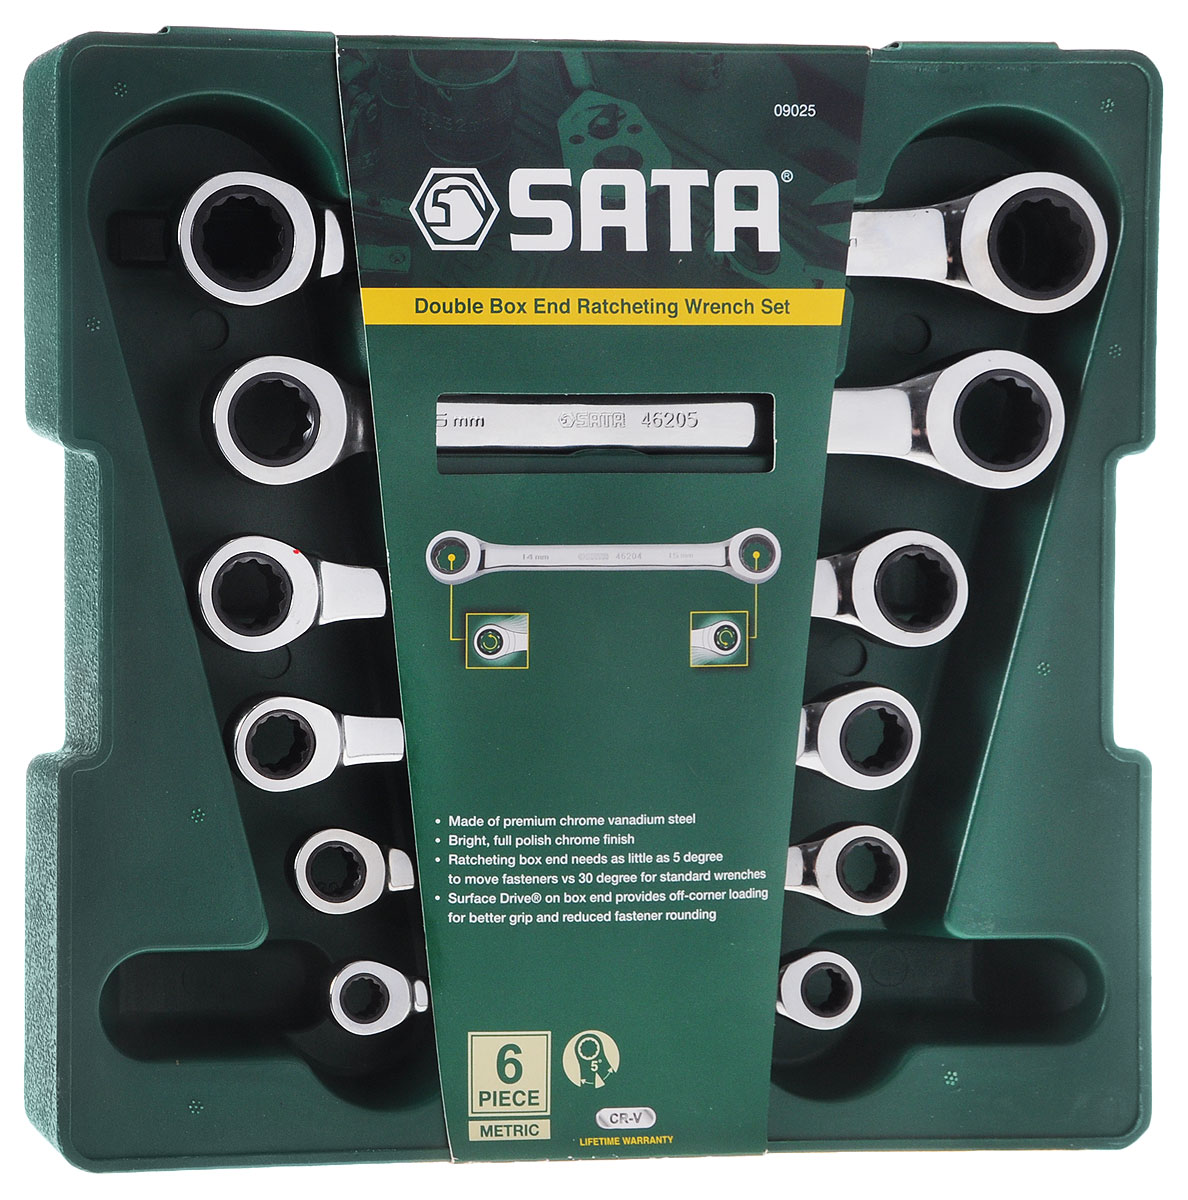 Набор ключей накидных SATA, 6 предметов09025_на подставкеНабор накидных ключей SATA станет отличным помощником монтажнику или владельцу авто. Этот набор обеспечит надежную фиксацию на гранях крепежа. Ключи изготовлены из хромованадиевой стали. Профиль кольцевого зева имеет 12 граней, что увеличивает площадь соприкосновения рабочих поверхностей и снижает риск деформации граней крепежа при монтаже. В накидных ключах SATA используется патент формы Surface Drive® увеличивающий прочность накидного наконечника и препятствующий «скруглению» ребер крепежного элемента на 25%, продлевая срок службы откручиваемых поверхностей.В набор входят: - поддон для хранения ключей;- ключи: 8 х 9, 10 х 11, 12 х 13, 14 х 15, 16 х 18, 17 х 19 мм.